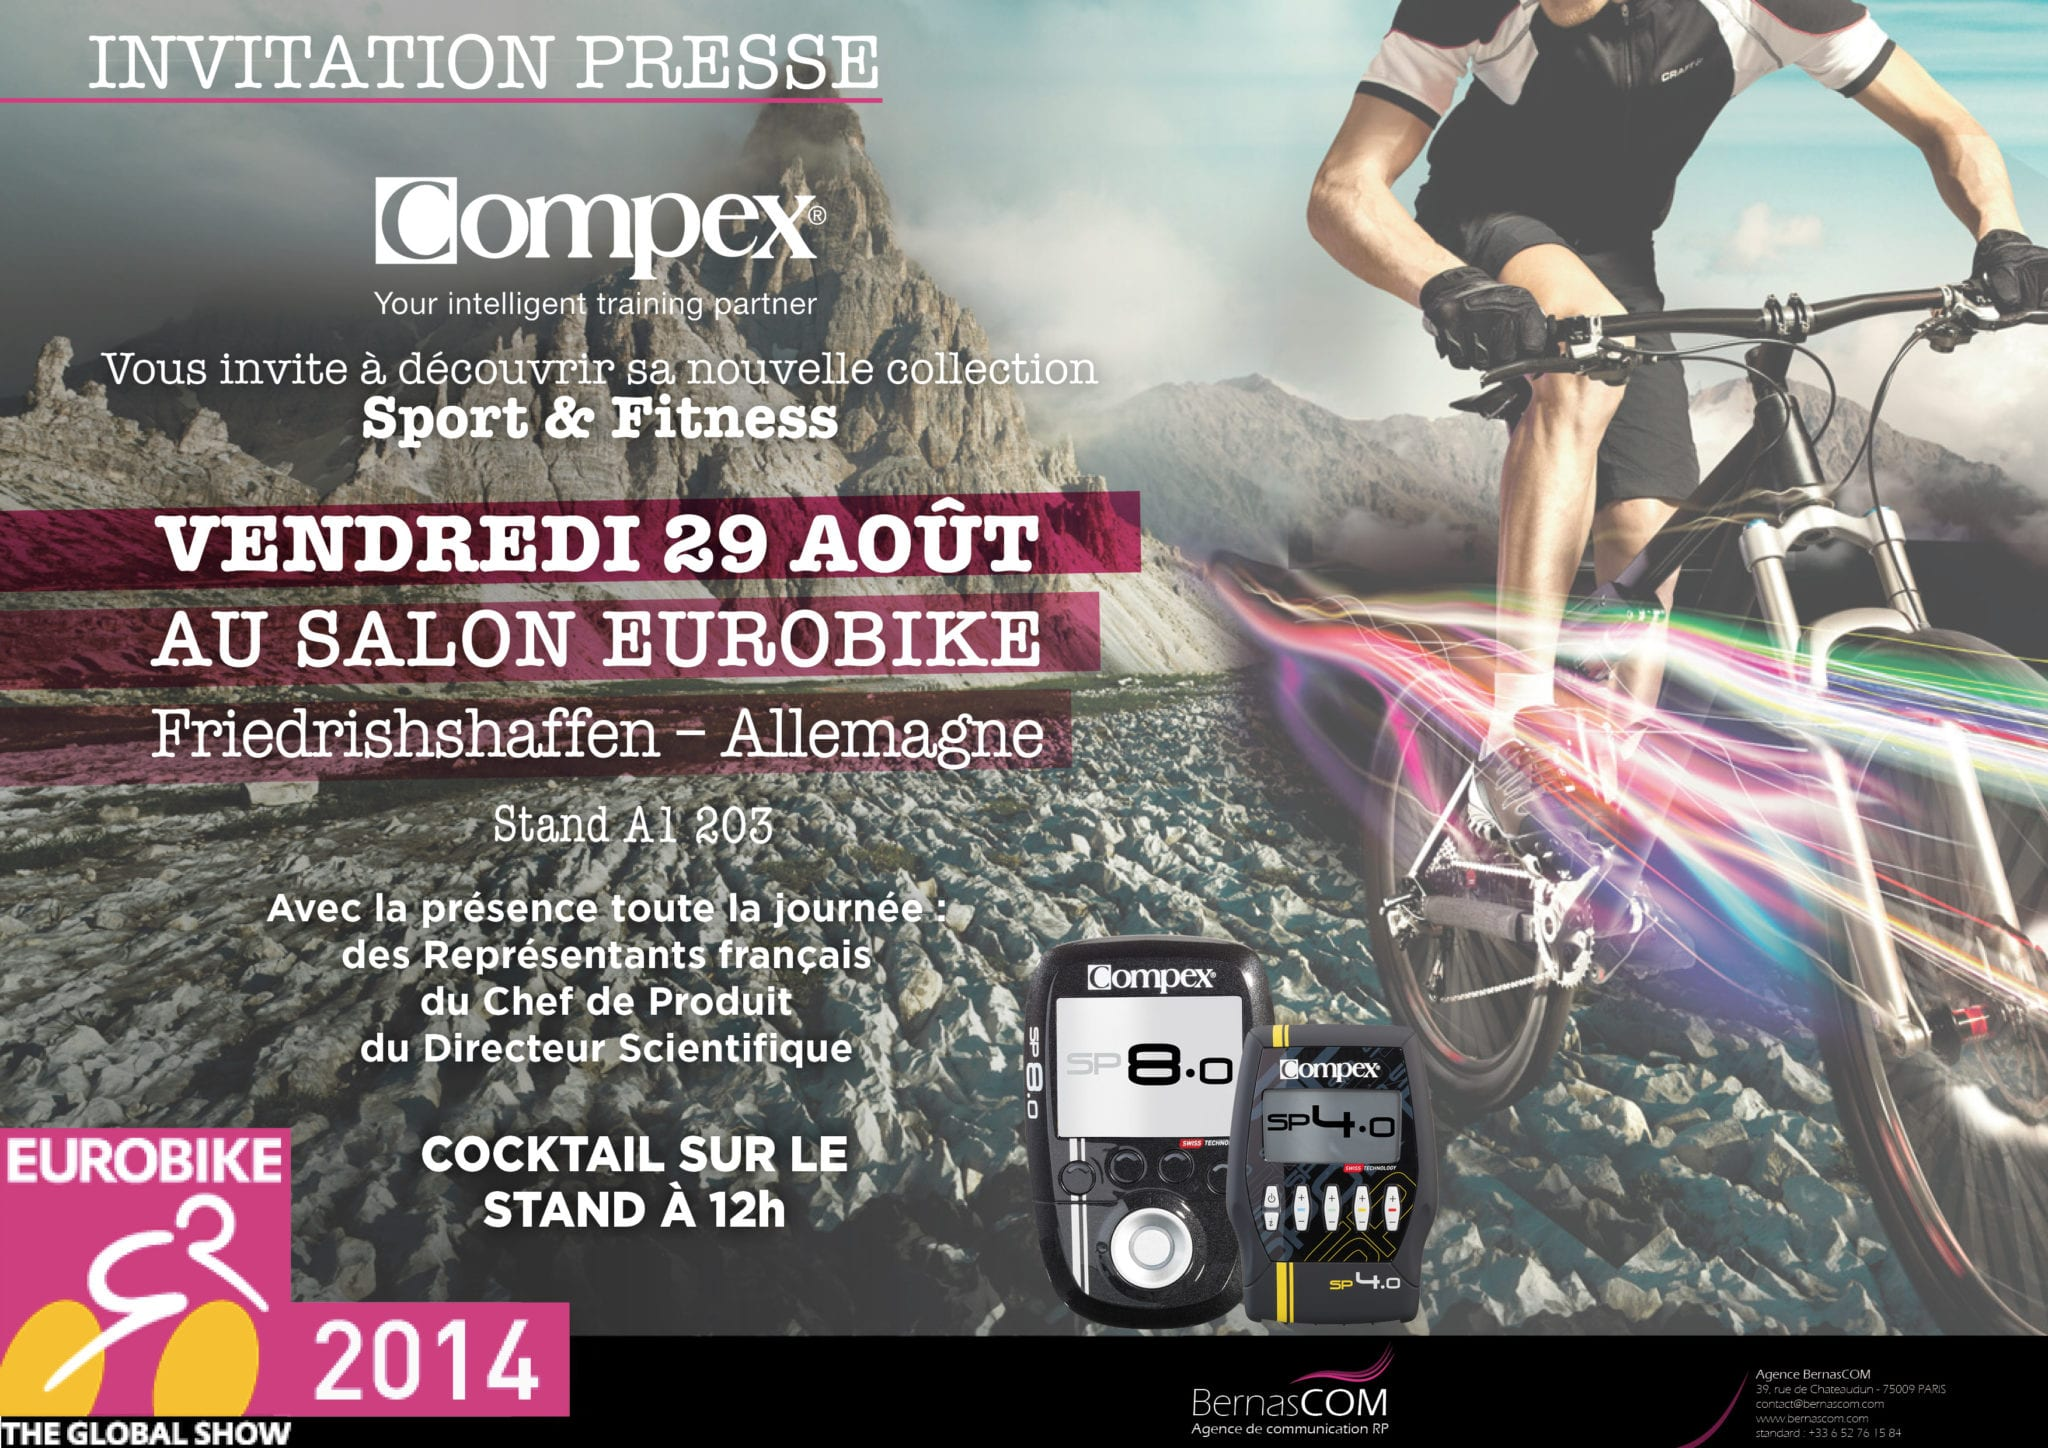 Compex_Invitation_Eurobike3